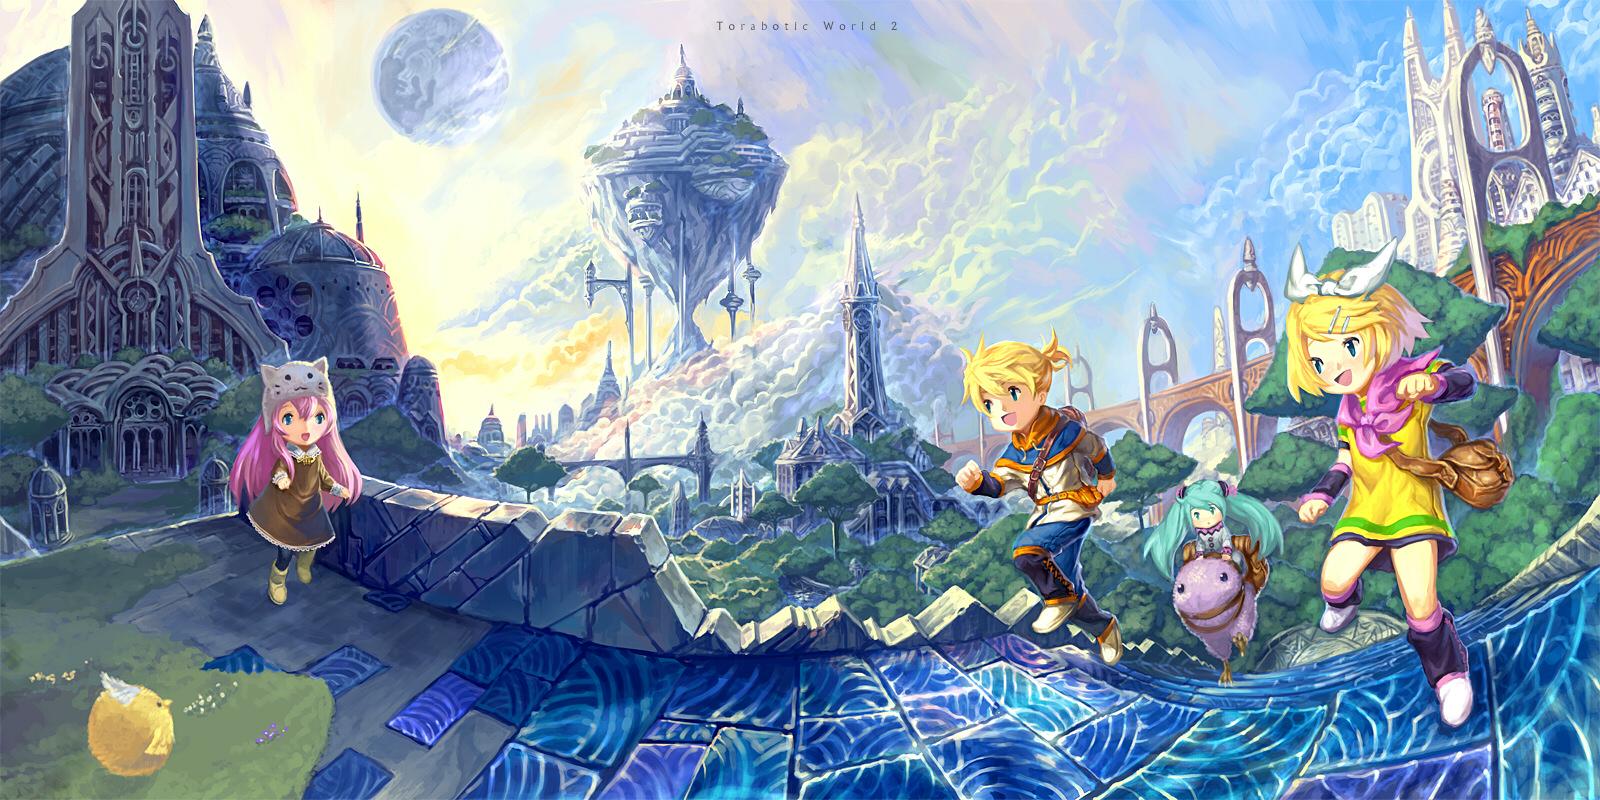 Floating Island | page 2 of 7 - Zerochan Anime Image Board